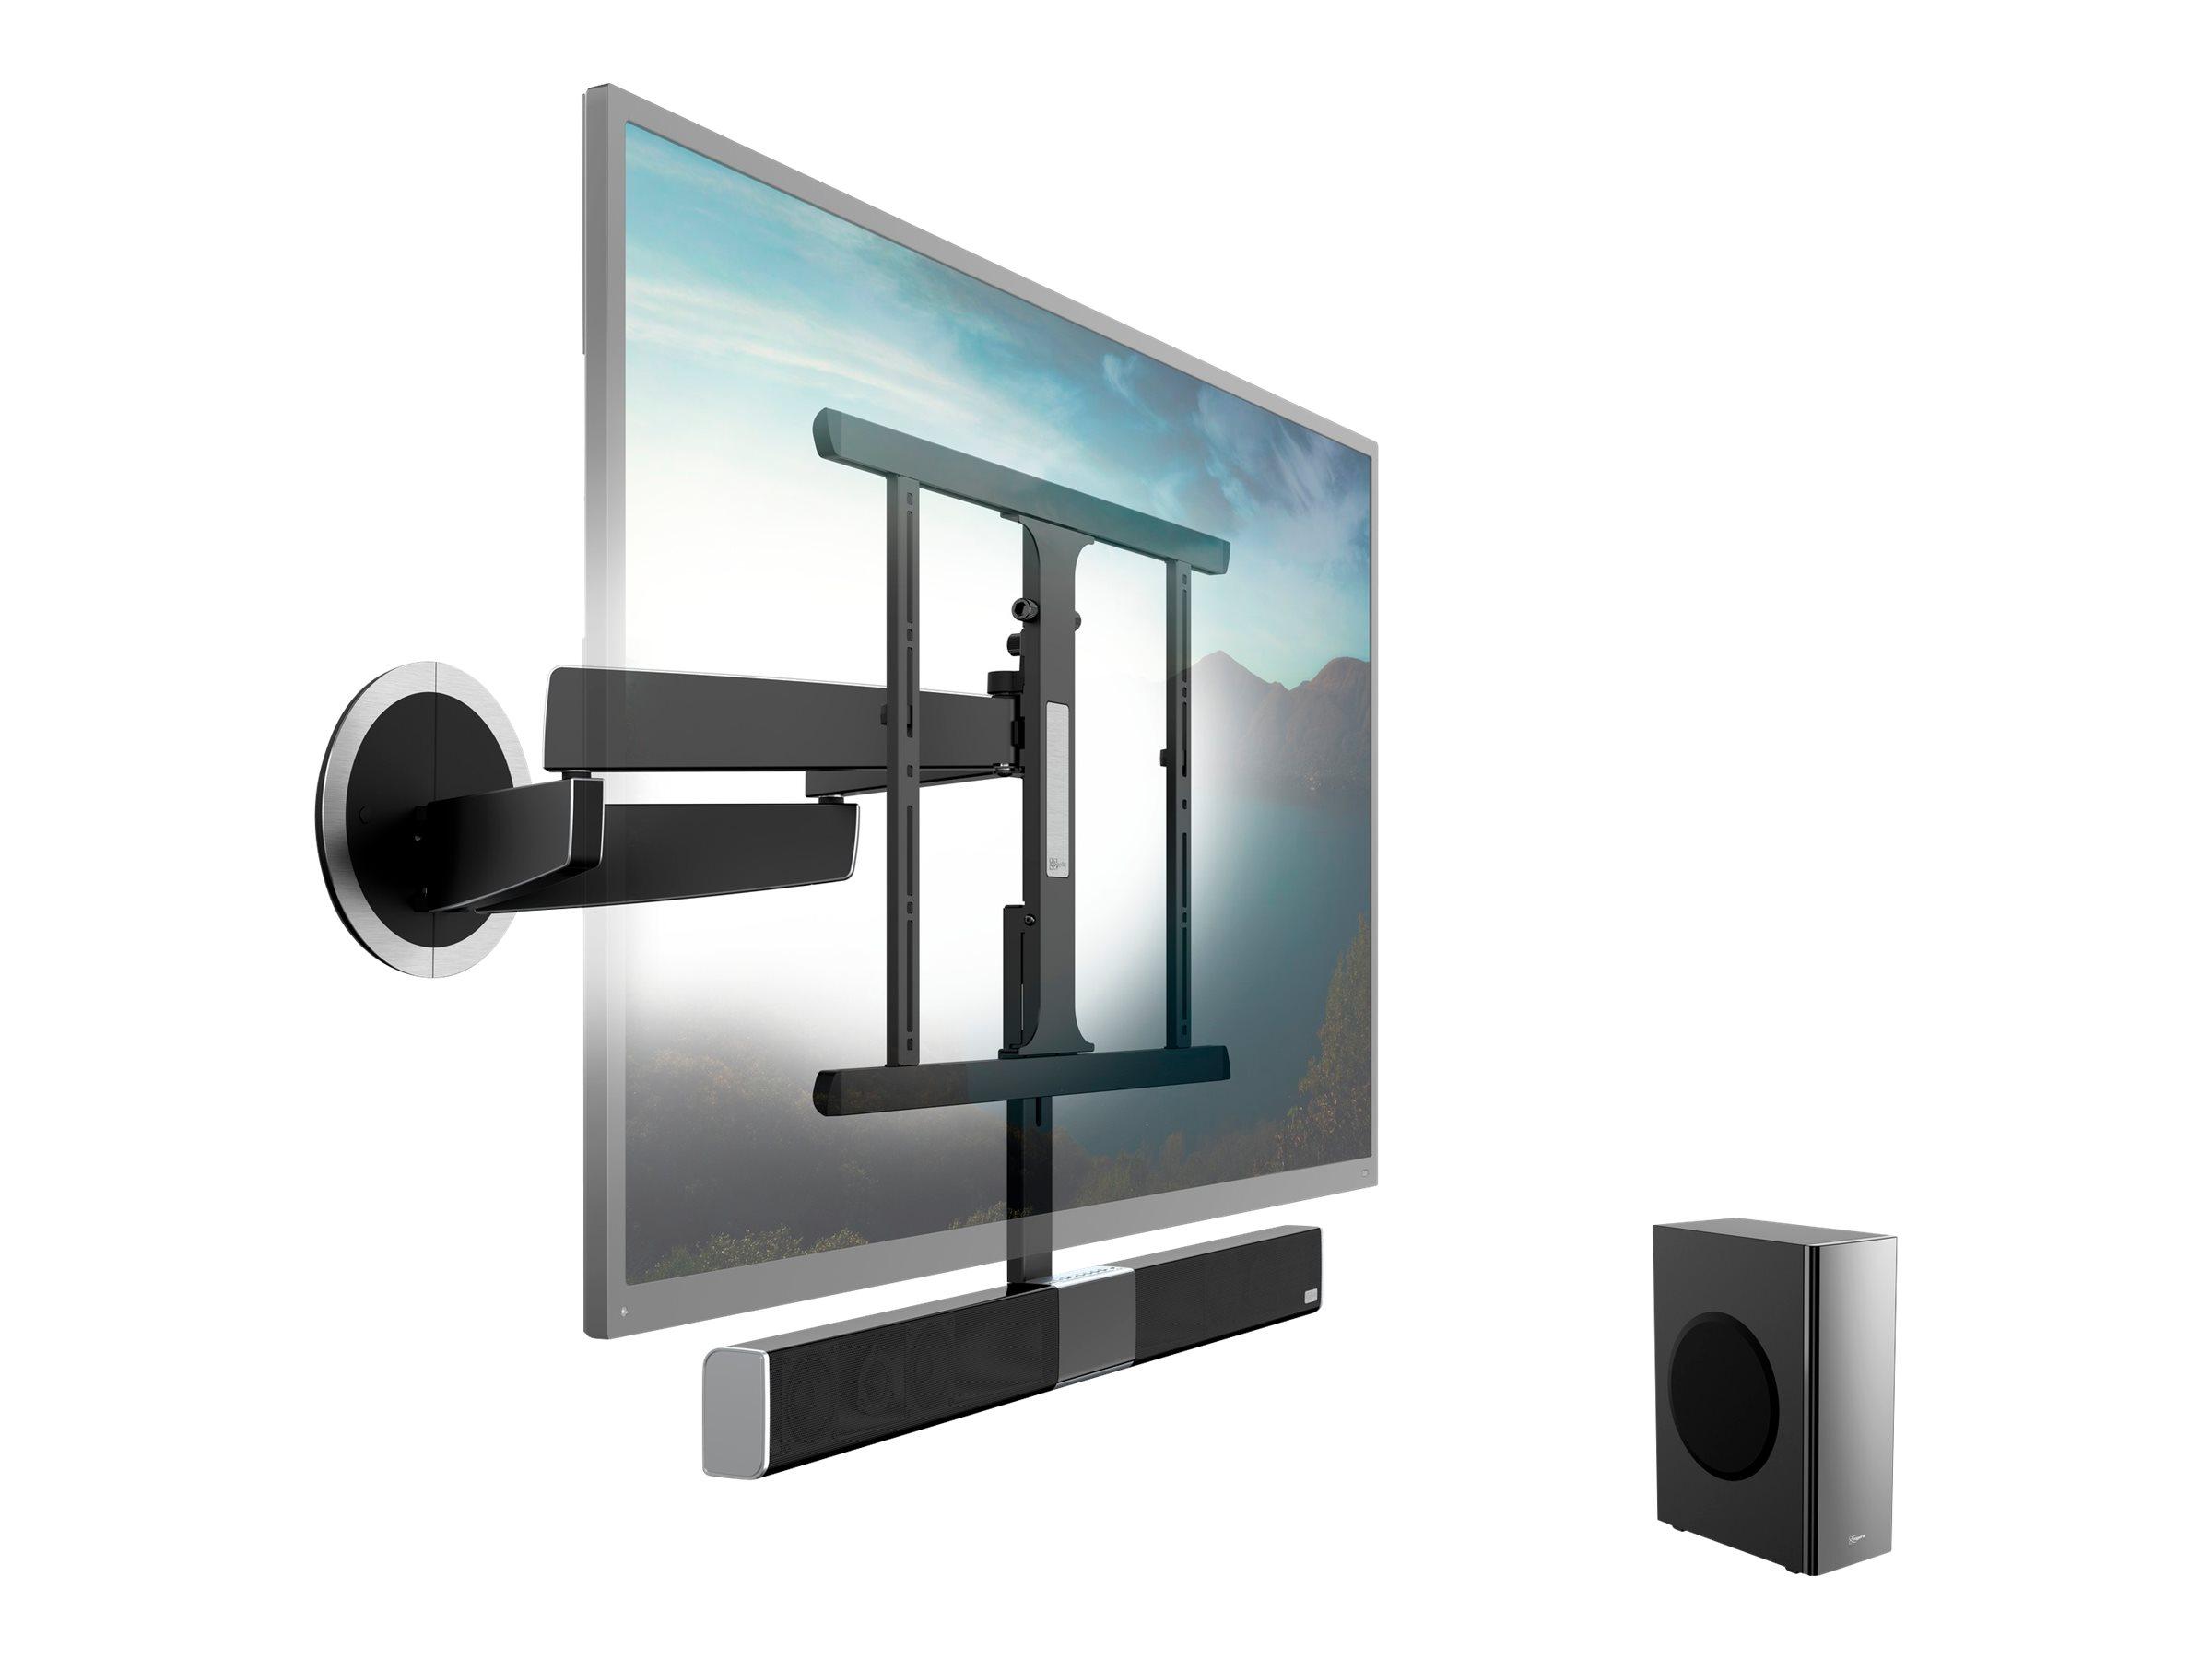 Vogel's SoundMount NEXT 8365 - Befestigungskit (voll bewegliche Wandhalterung) für flat panel - Aluminium, Chrom - Schwarz - Bil